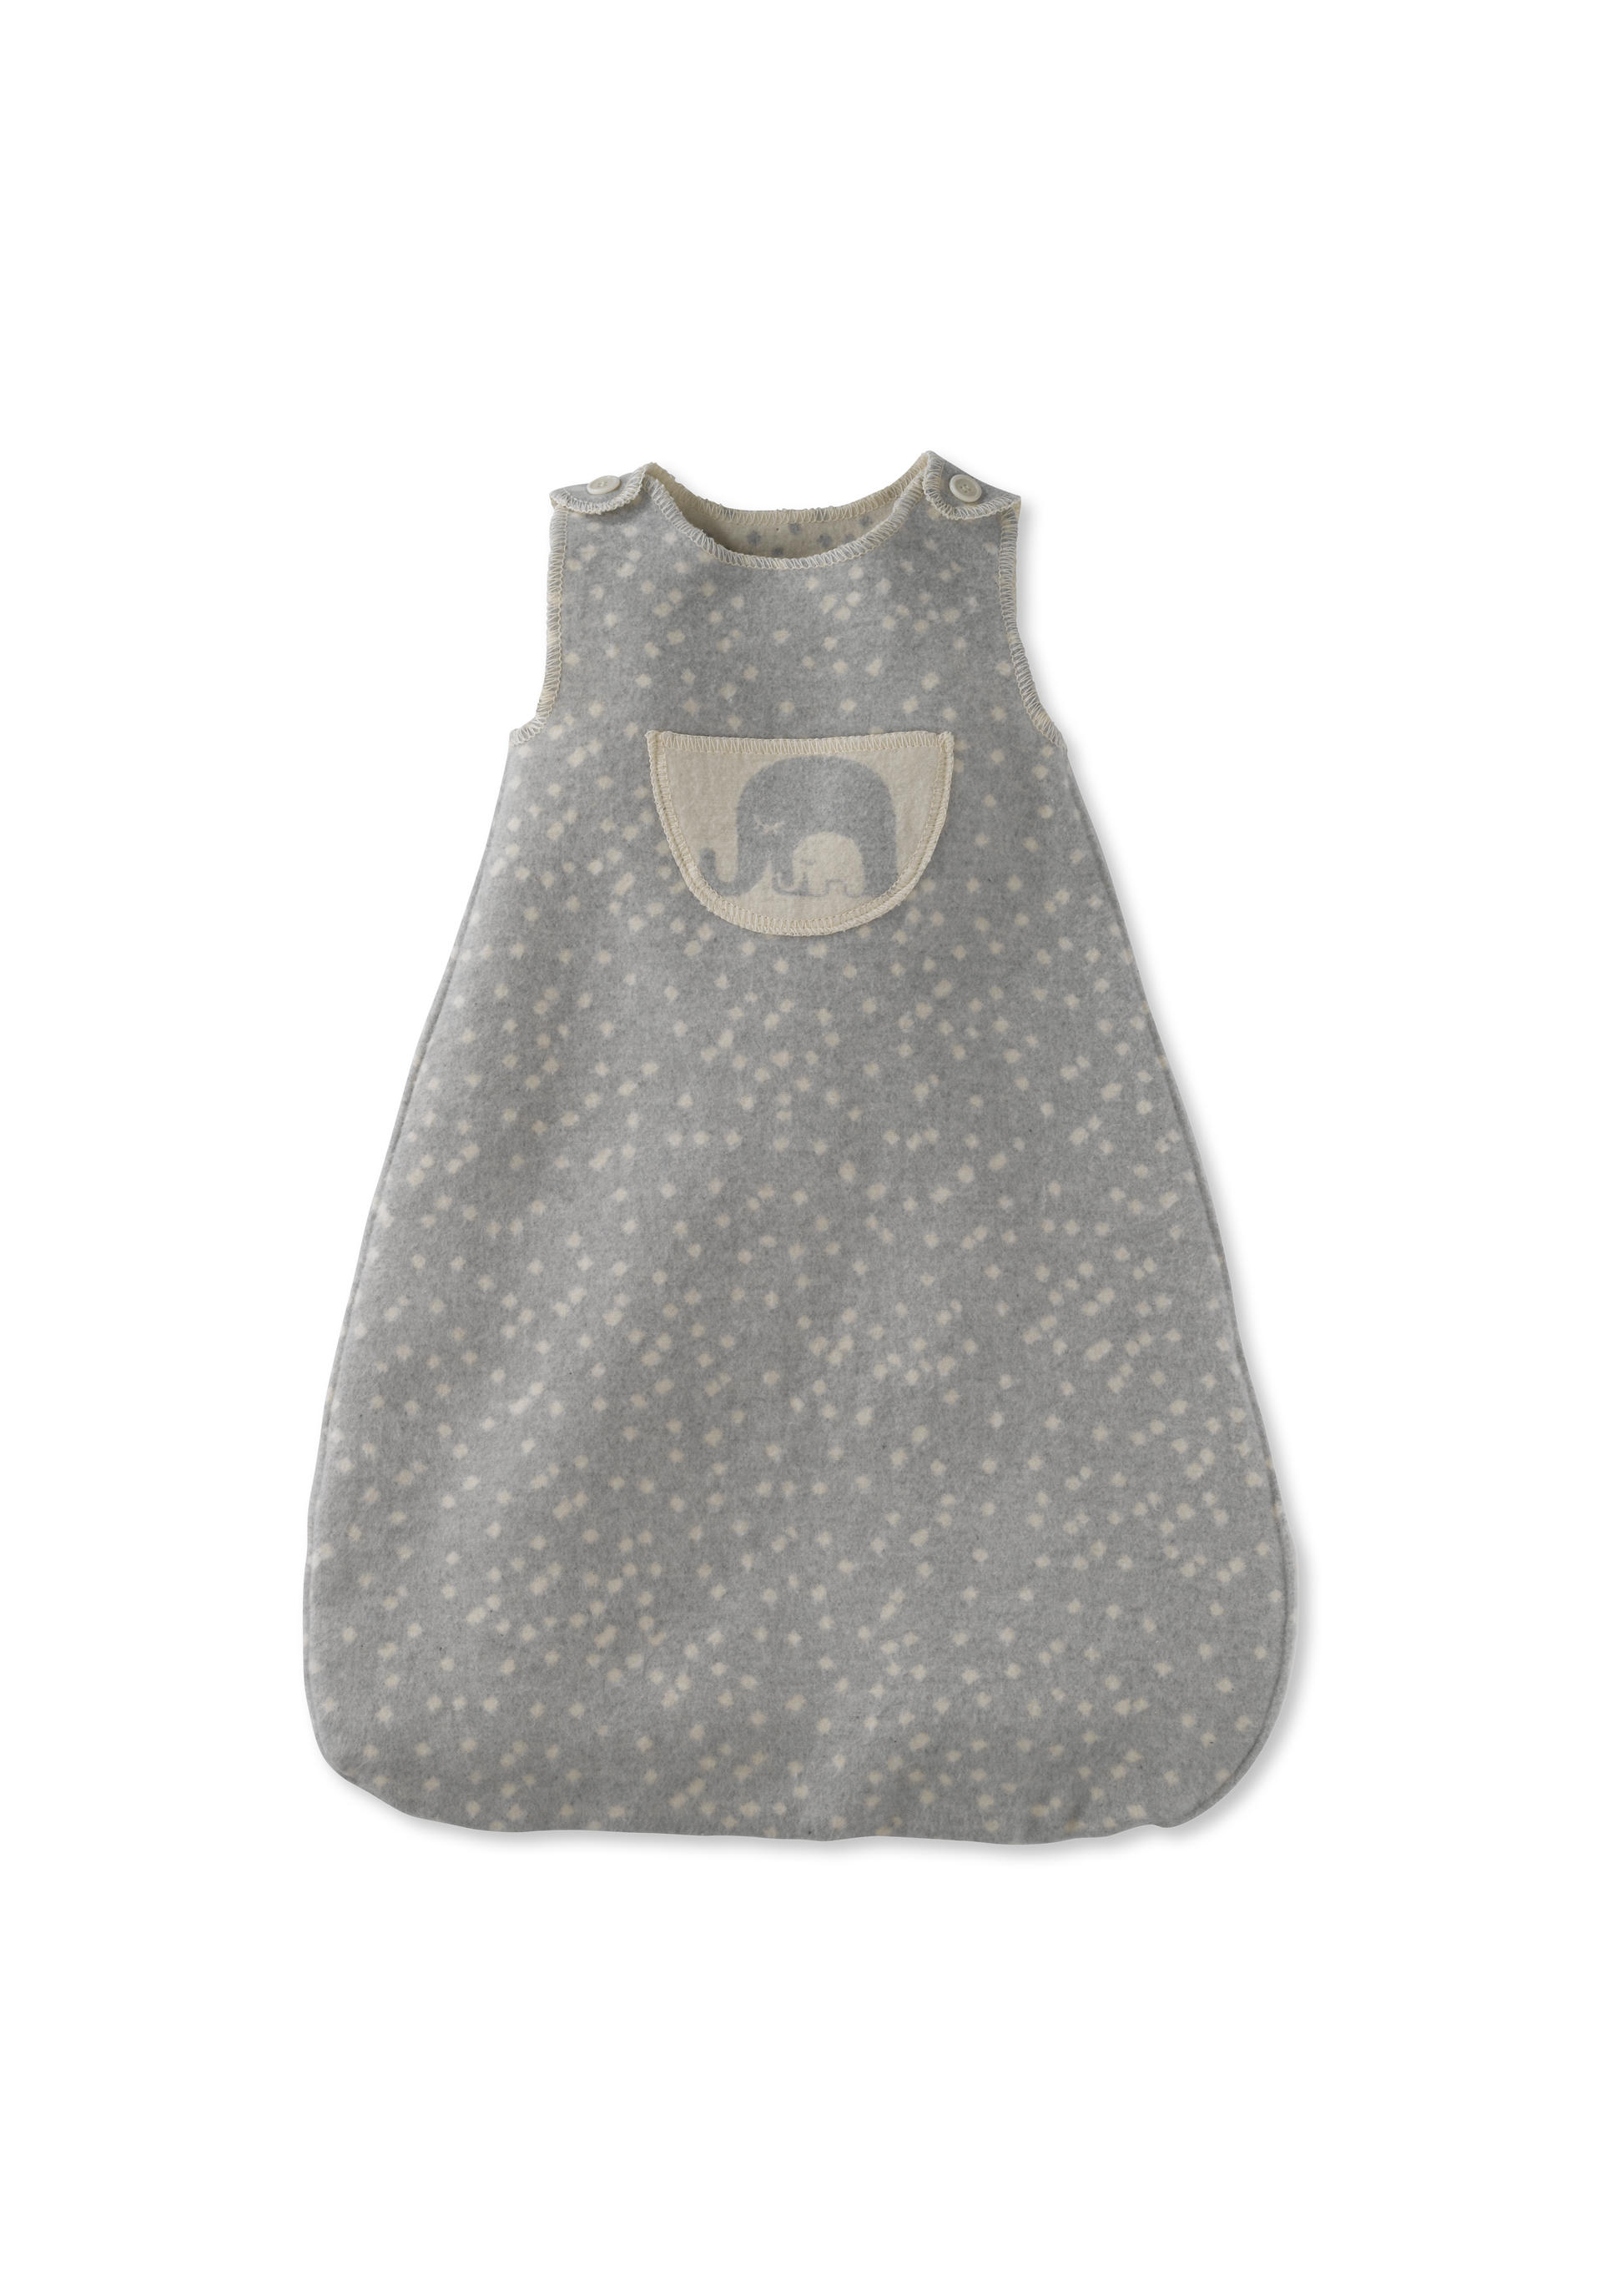 check out 4fd0e 52021 Baby Schlafsack aus reiner Bio-Baumwolle von hessnatur